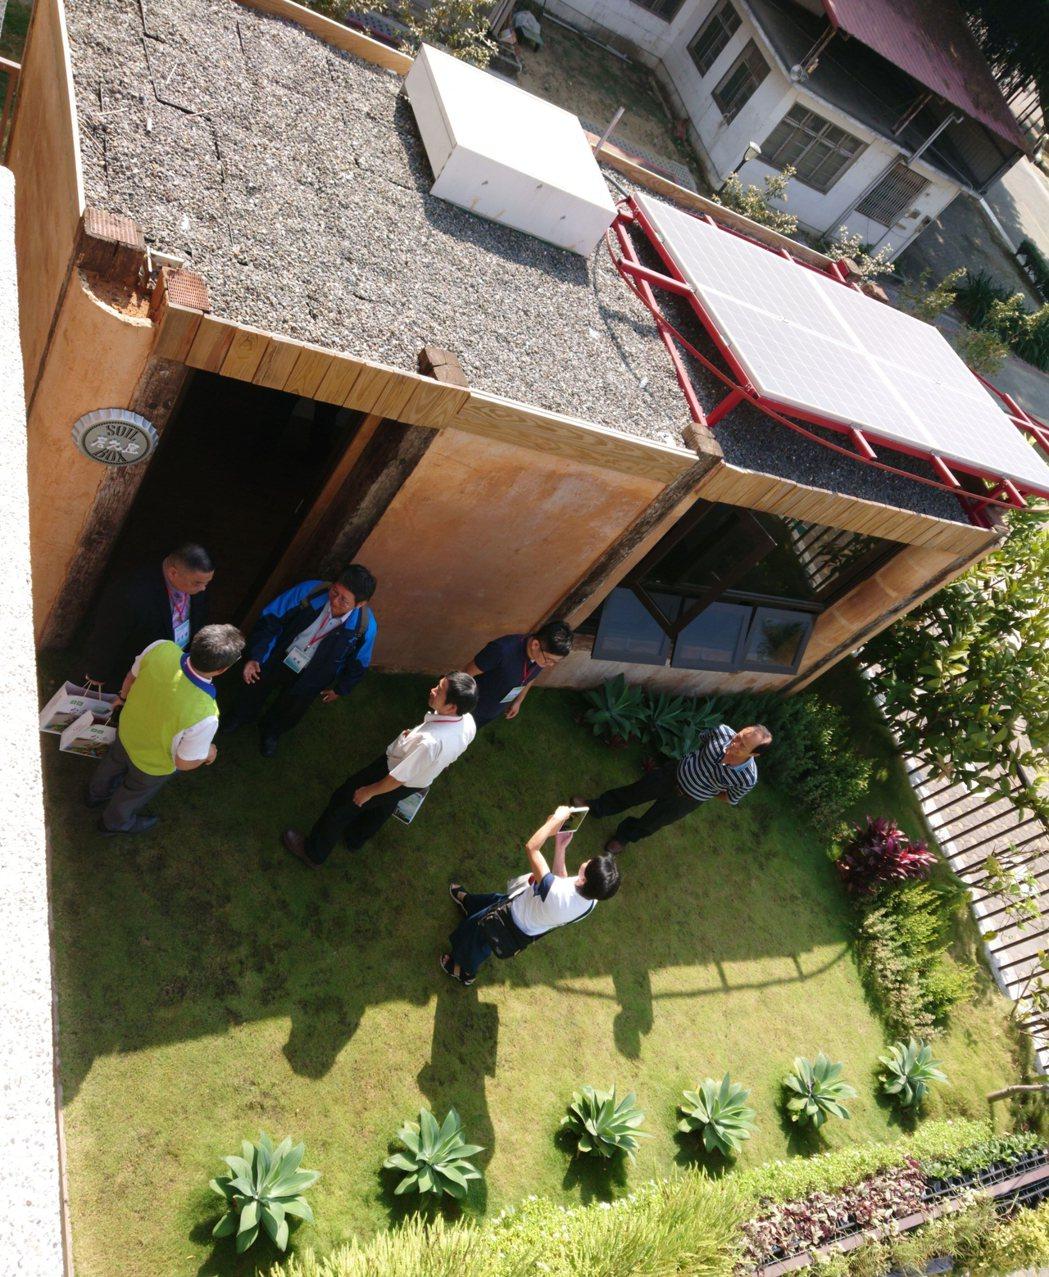 南工綠建築科技示範場域-居久屋揭牌,低碳排、無市電、無空調的綠建築吸引人潮參觀合...